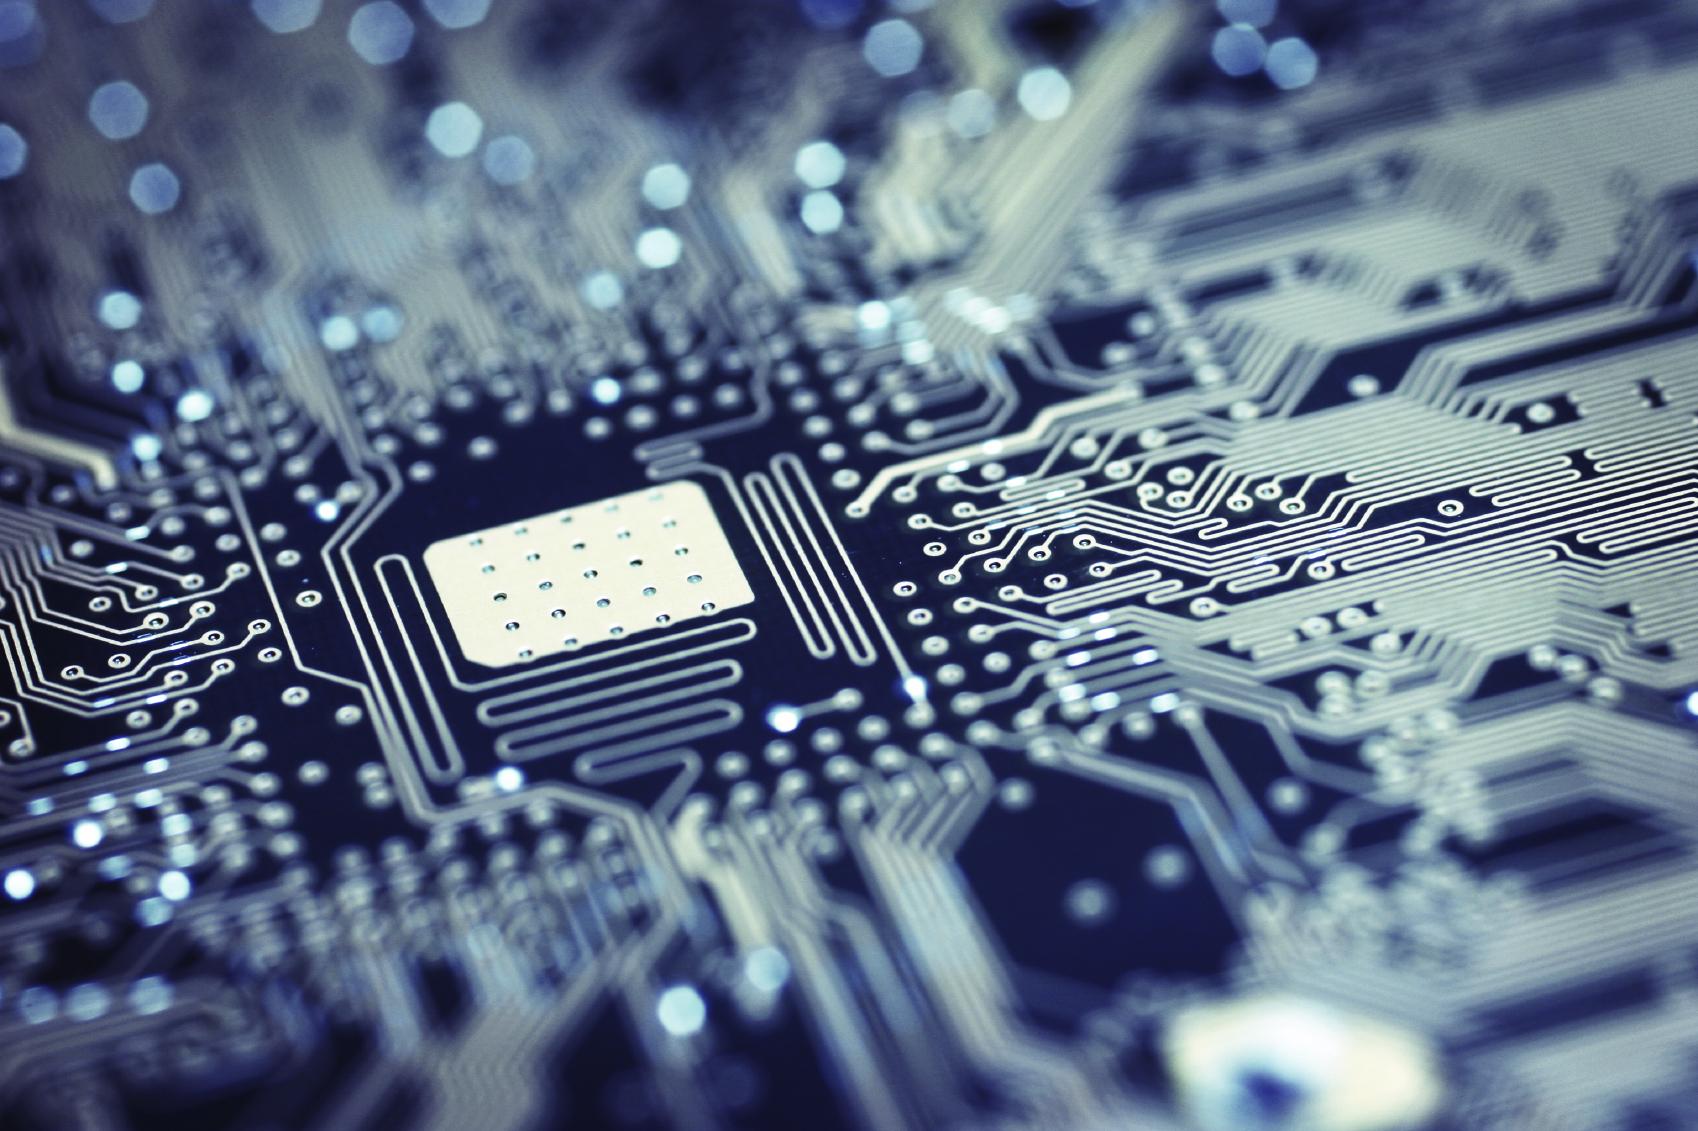 Liste de lecture sur la technologie: Ruptures, Frictions, Fractures et Évolutions